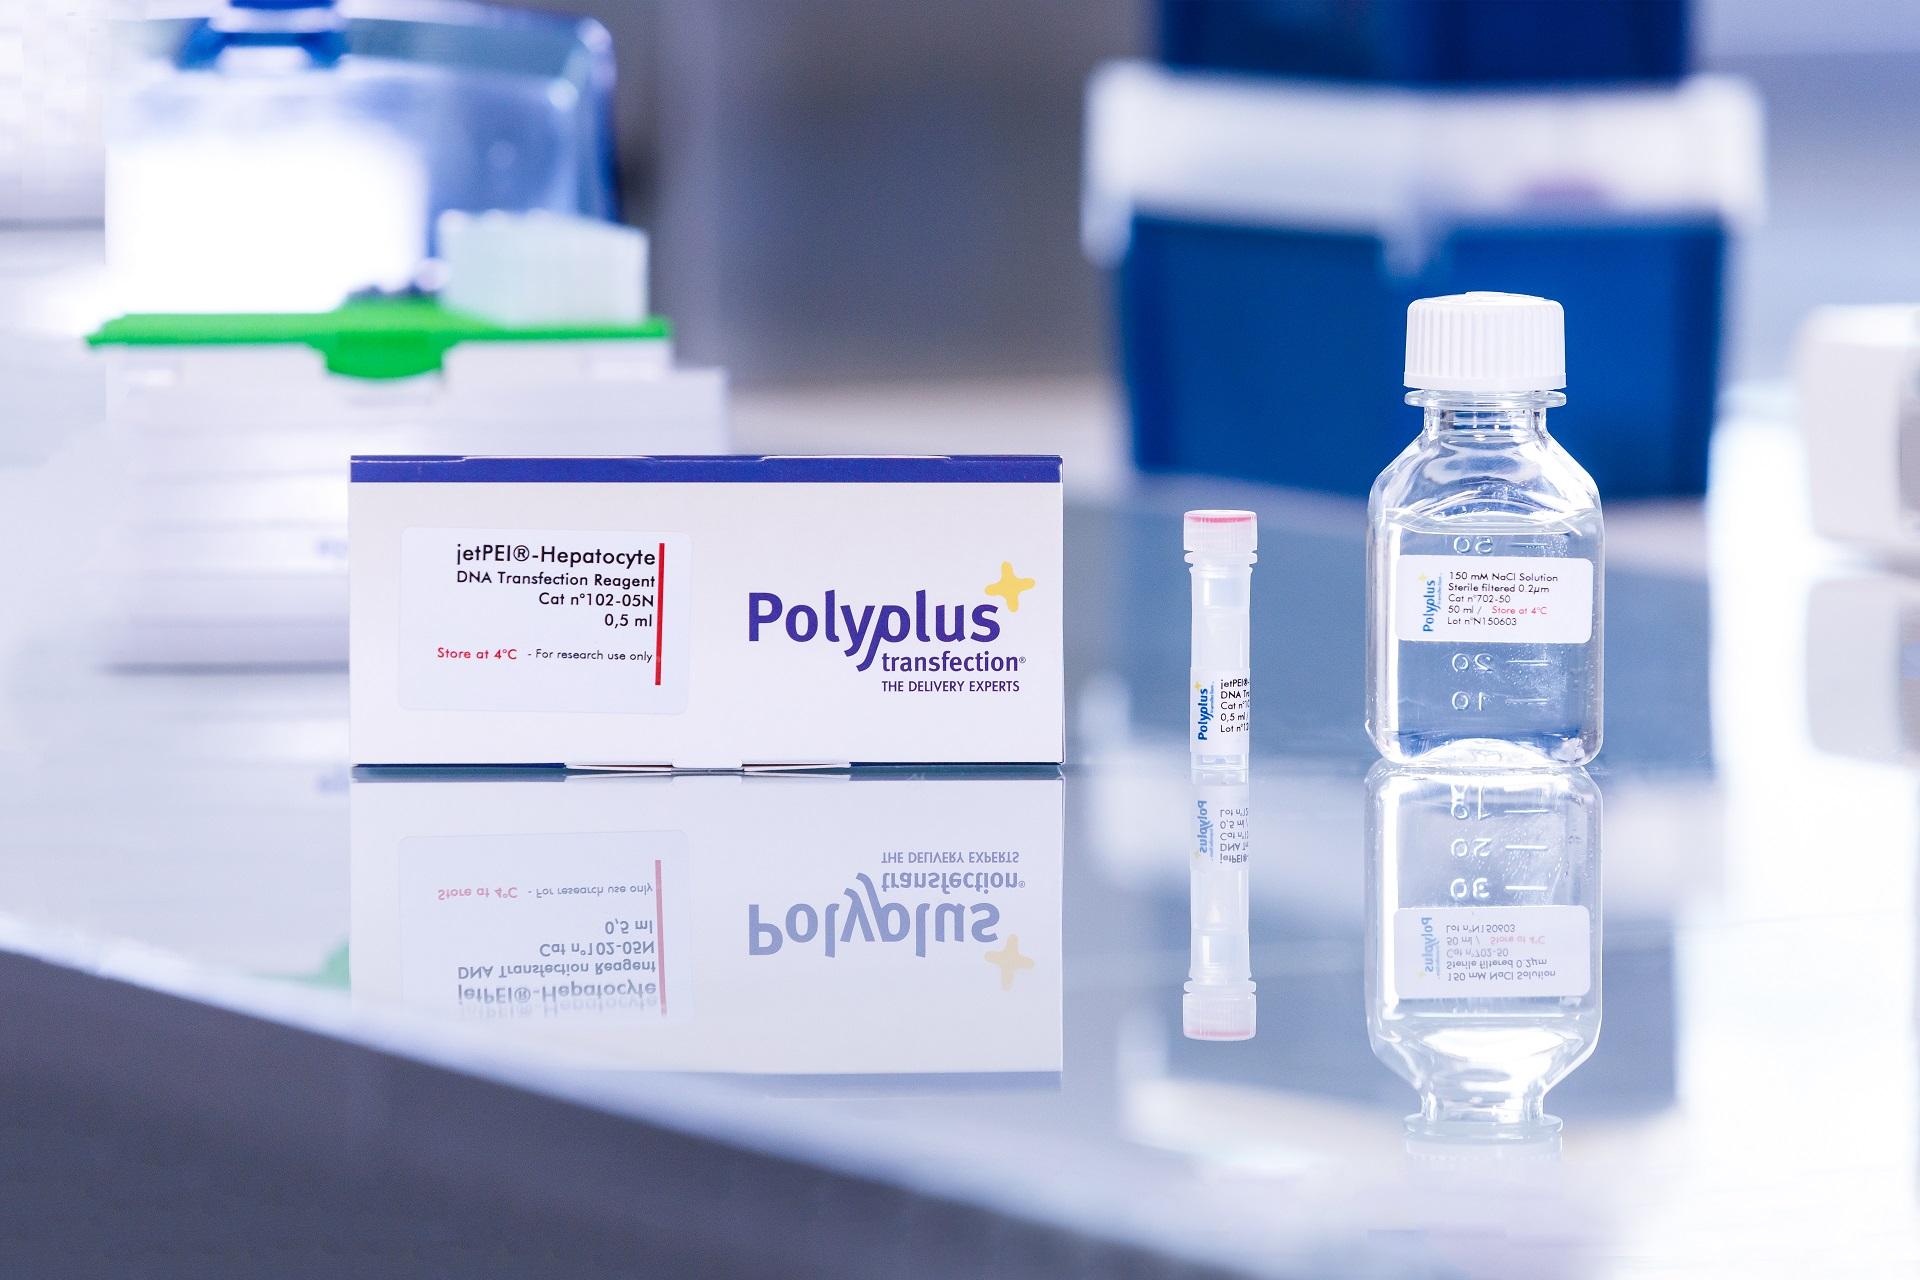 jetPEI-Hepatocyte packaging